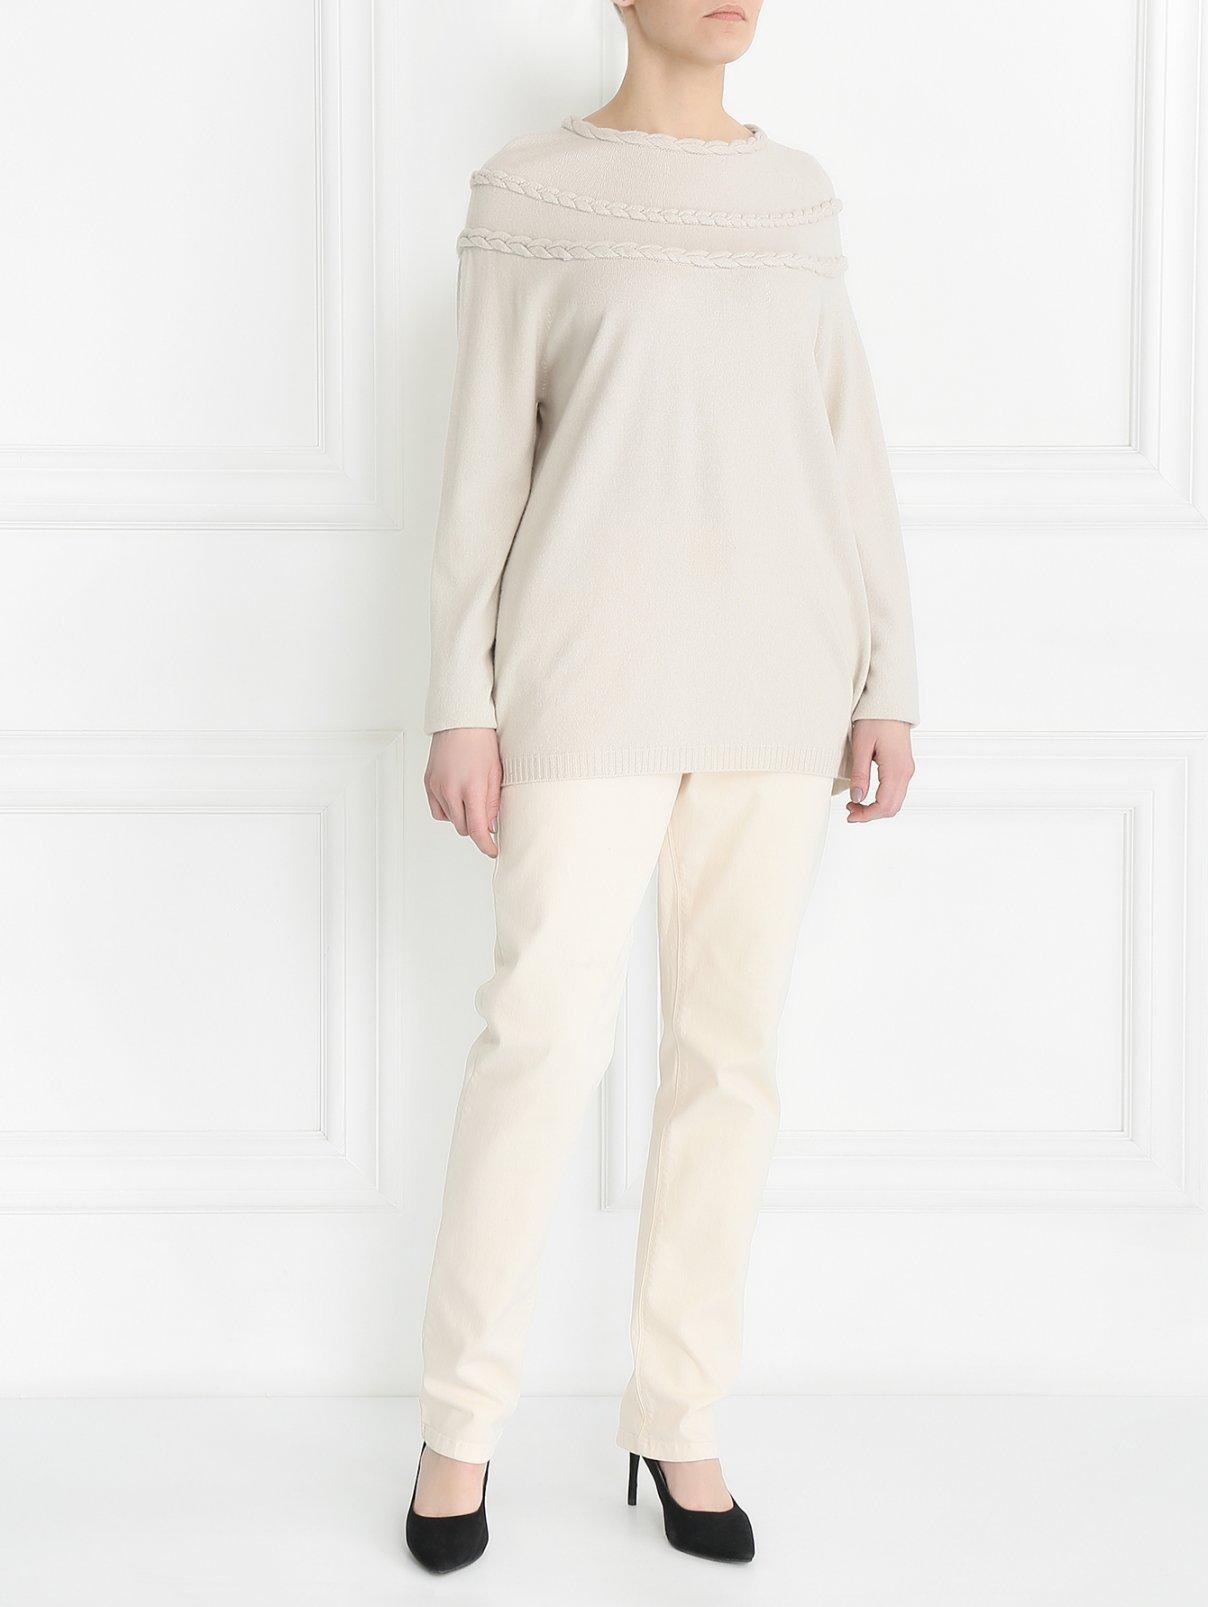 Джинсы прямого кроя с боковыми карманами Marina Sport  –  Модель Общий вид  – Цвет:  Бежевый